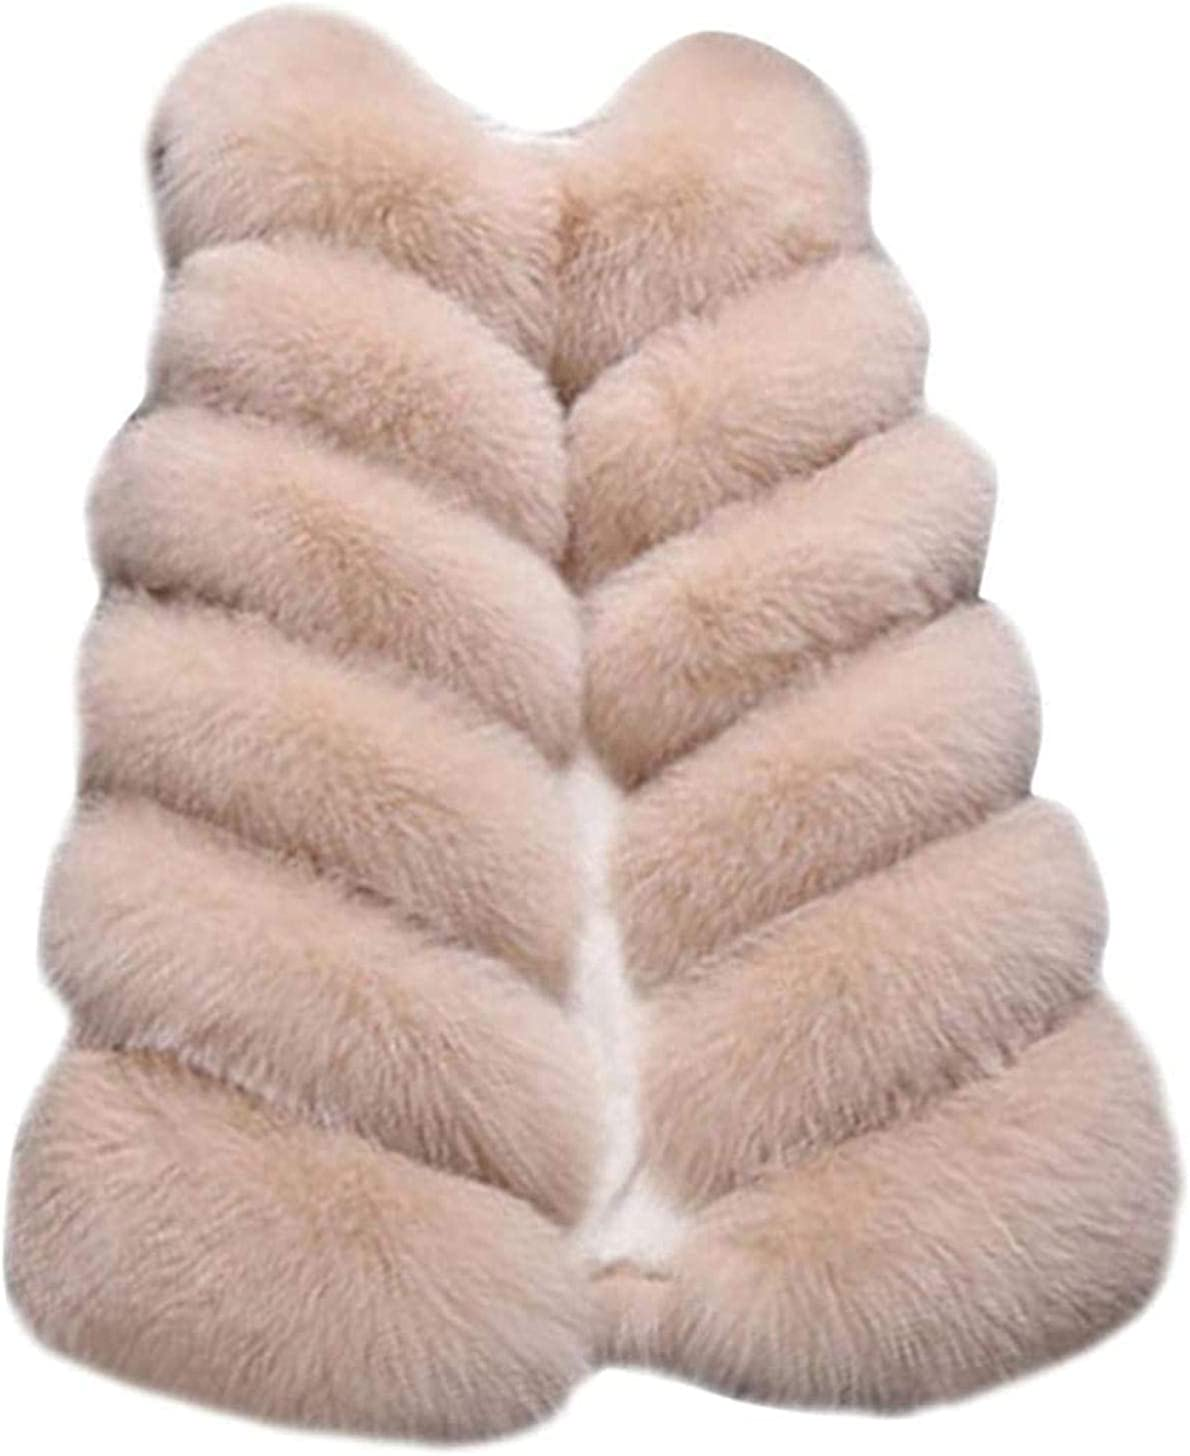 Faux Fox Fur Vest Women - Striped Faux Fur Gilet Outwear, Plus Size Elegant Slim Vest, Long Fur Coat Vest